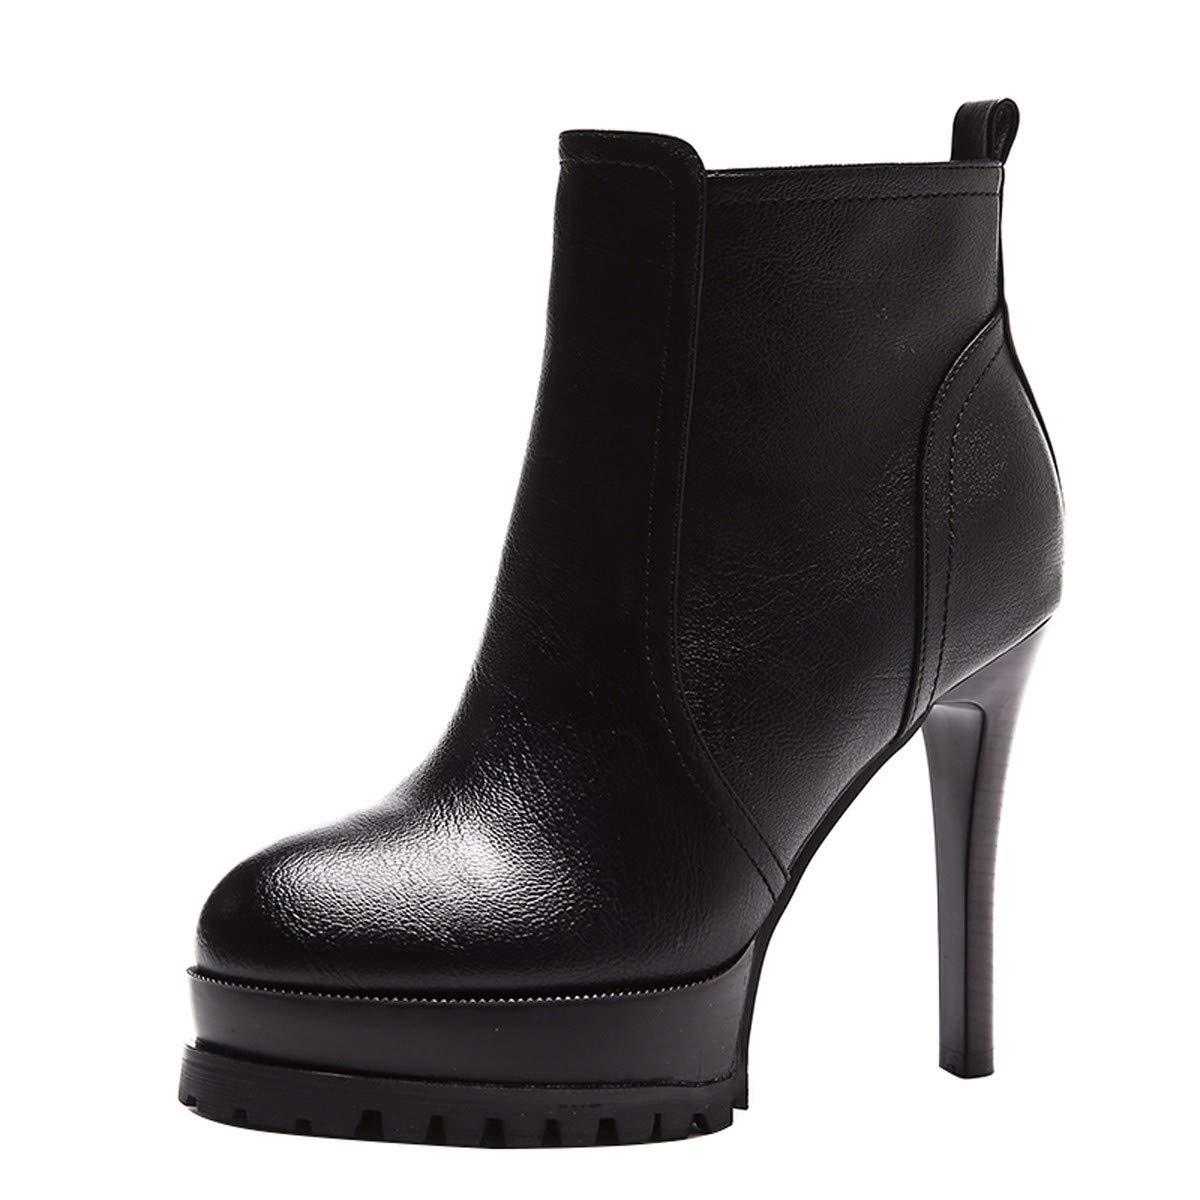 KPHY Damenschuhe/Mode, Schuhe, 12Cm Hoch, Einfache Partner, Martin Stiefel, Um Meine Schuhe Stehen Gut, Wasserdicht, Winter - Stiefel